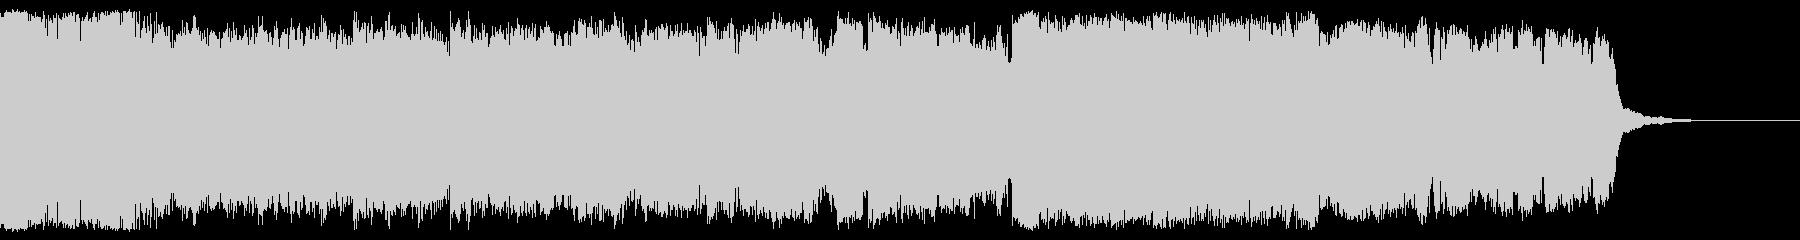 ヴォーカライズとシンフォニックメタルの未再生の波形